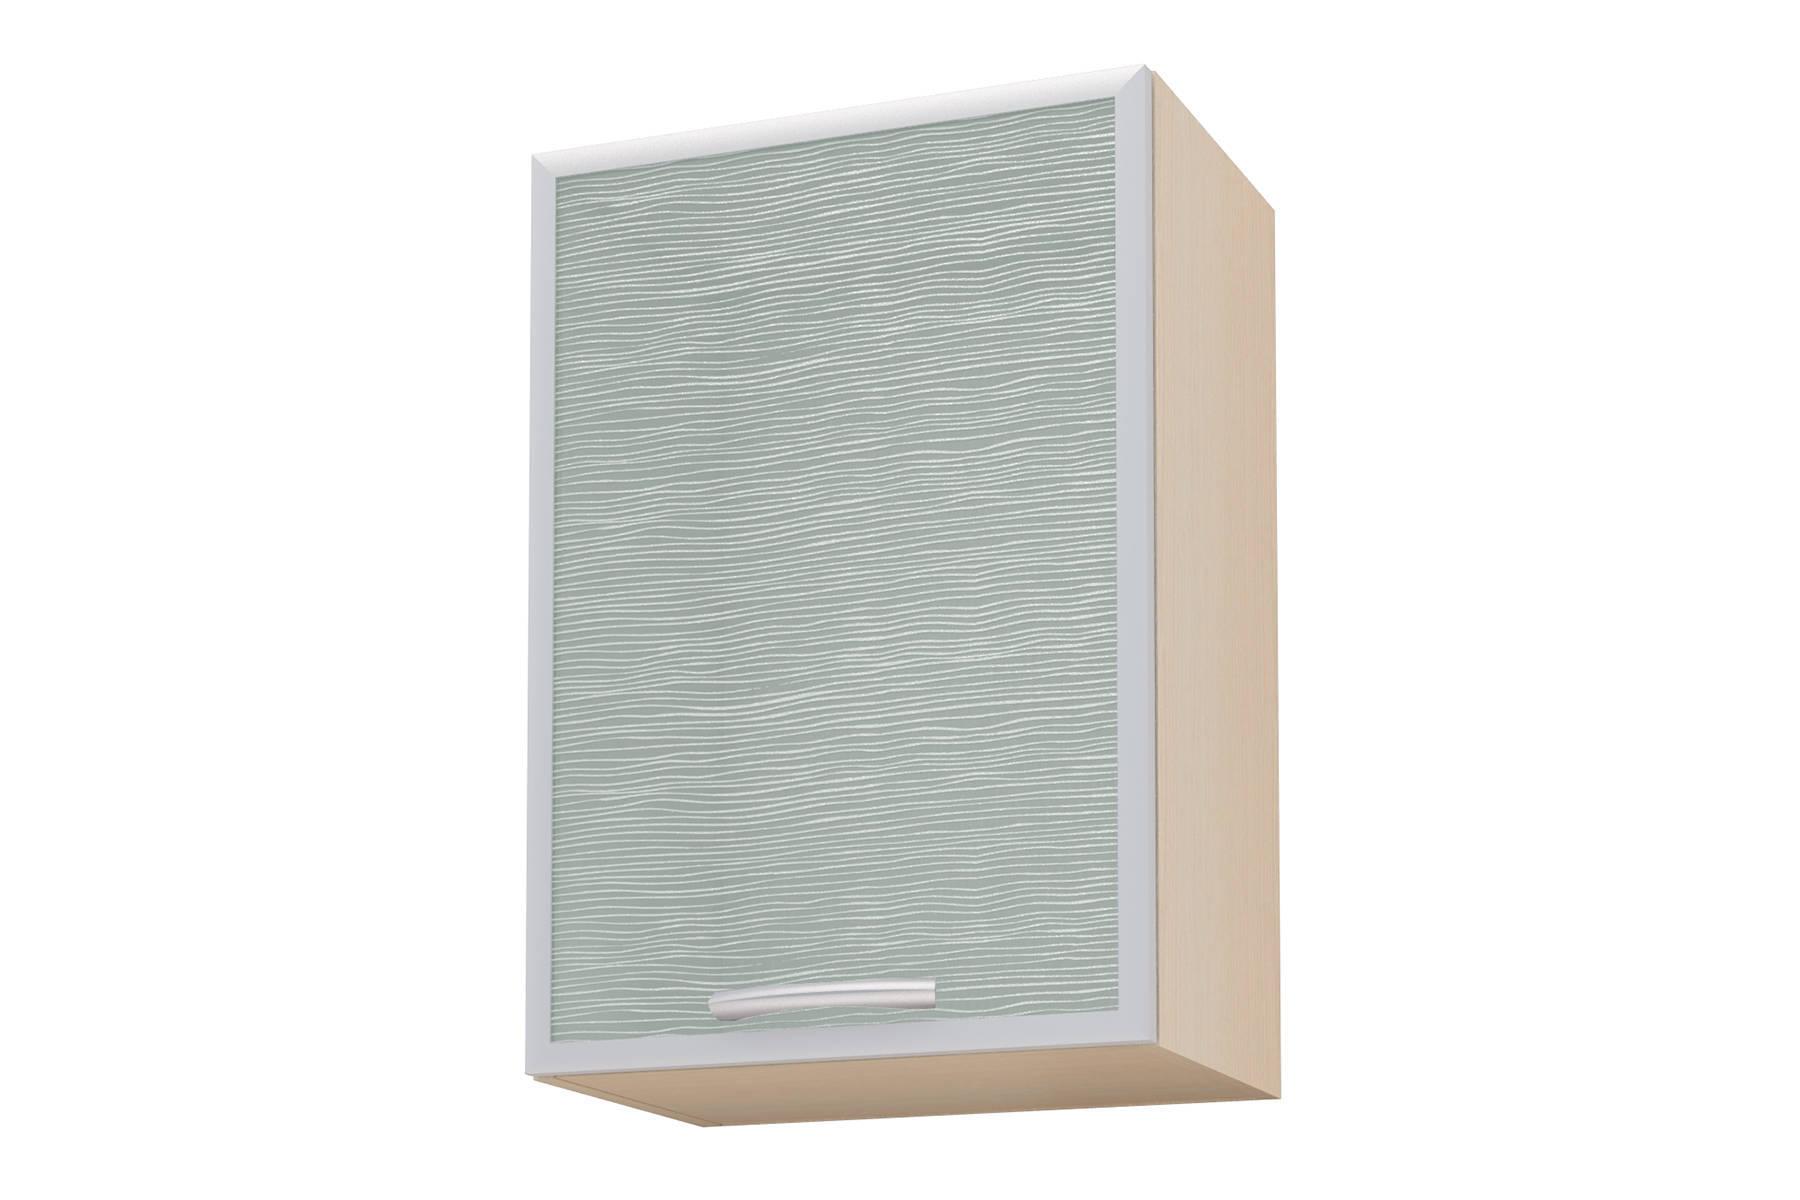 Селена шкаф навесной ш.500, фасад правый недорого